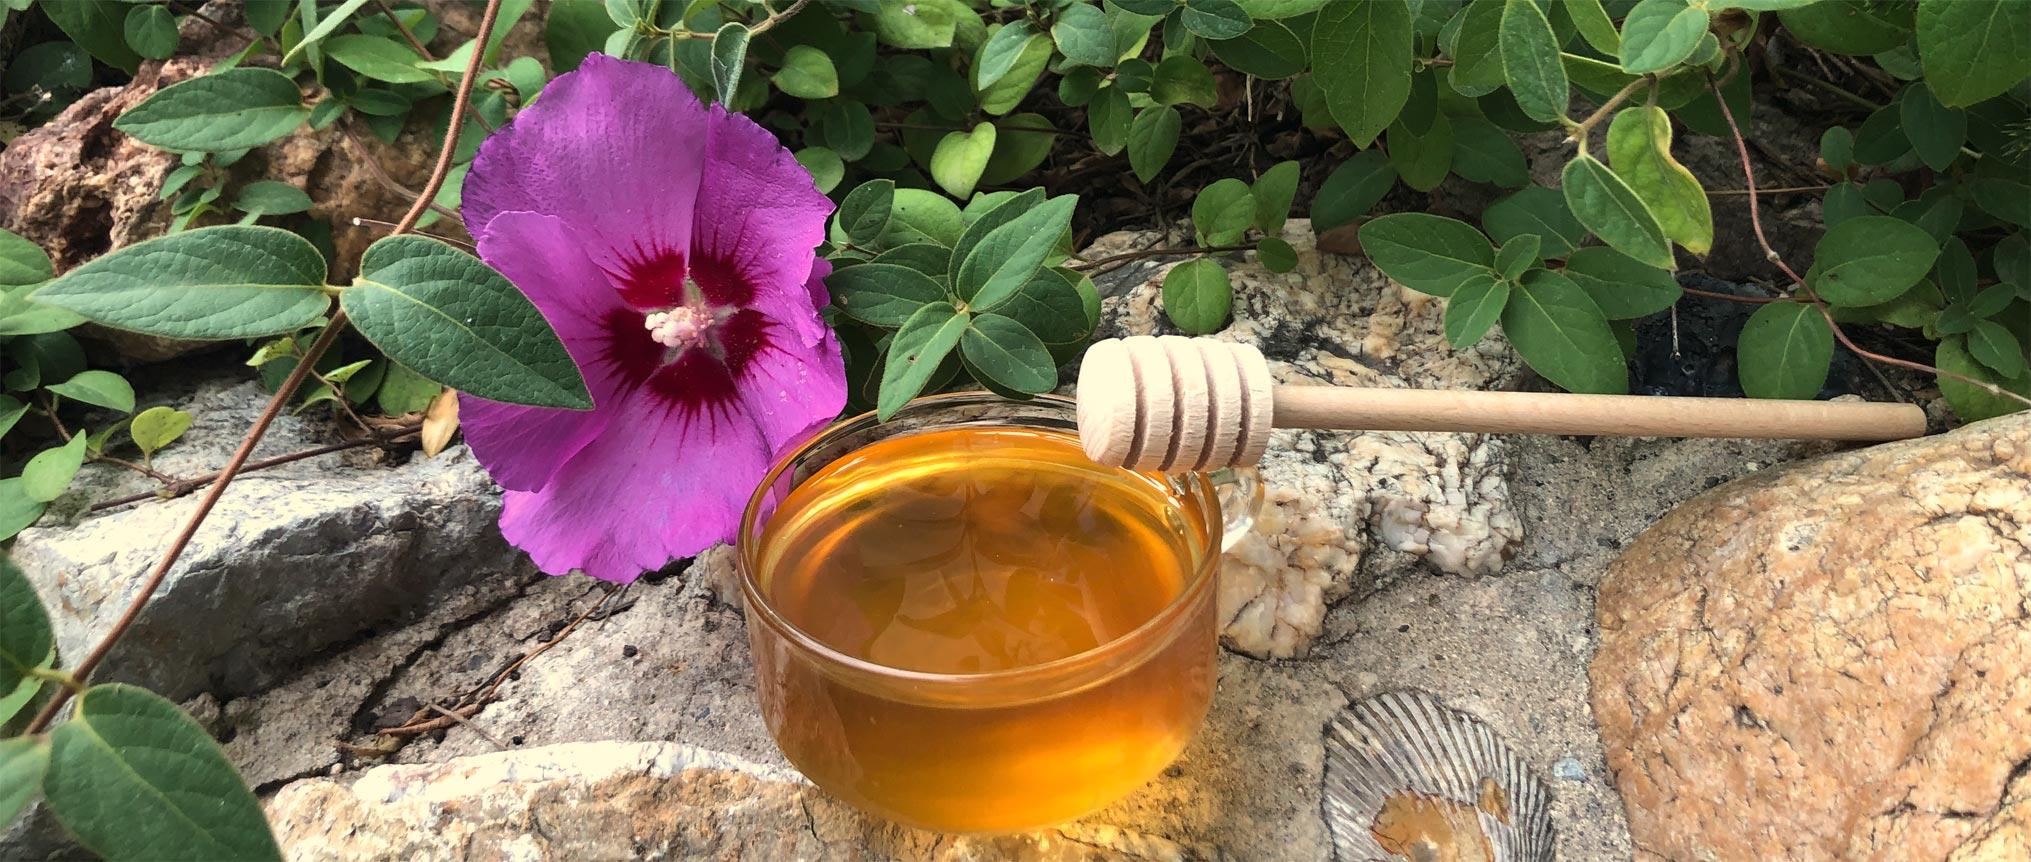 Miellerie saveurs de miel pot cuillère en bois à Perpignan 66